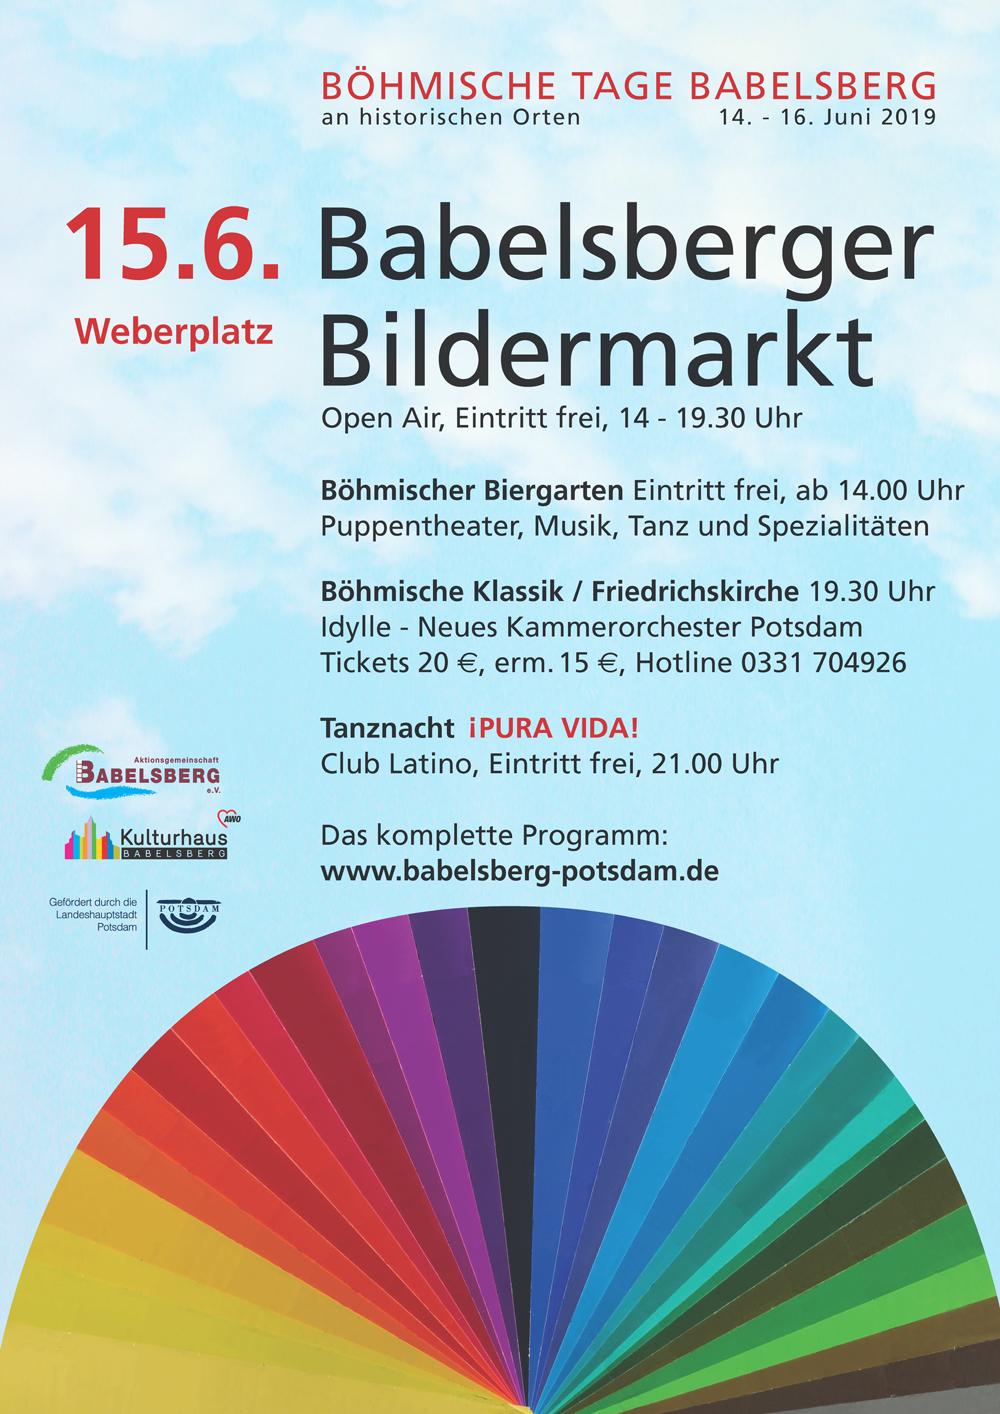 böhmische tage babelsberg 2019